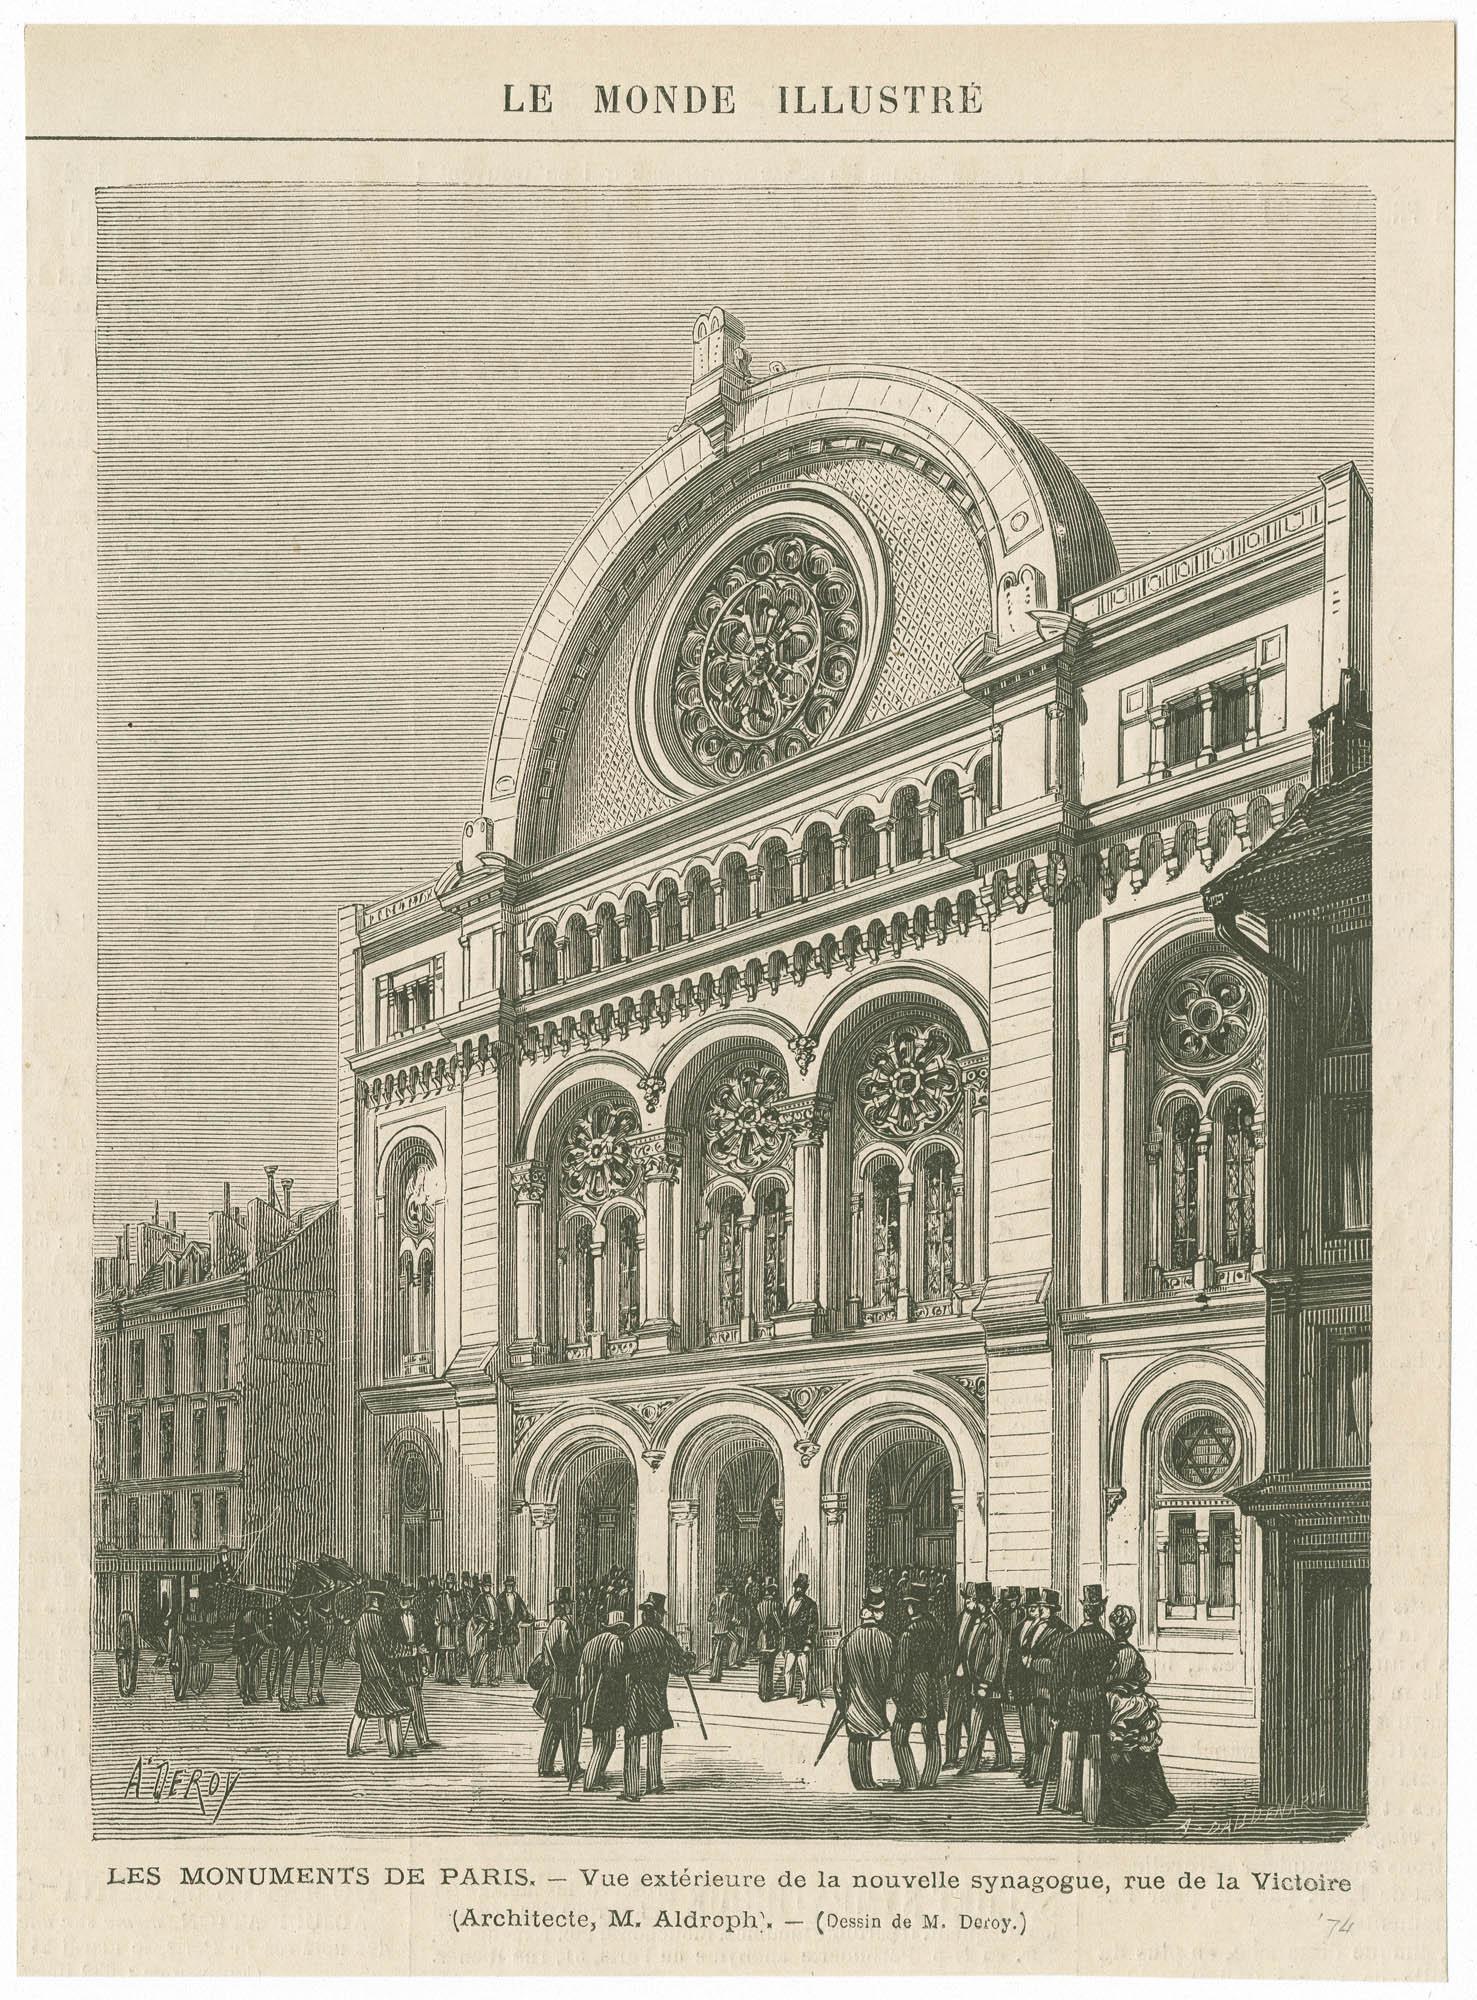 Vue extérieure de la nouvelle synagogue, rue de la Victoire